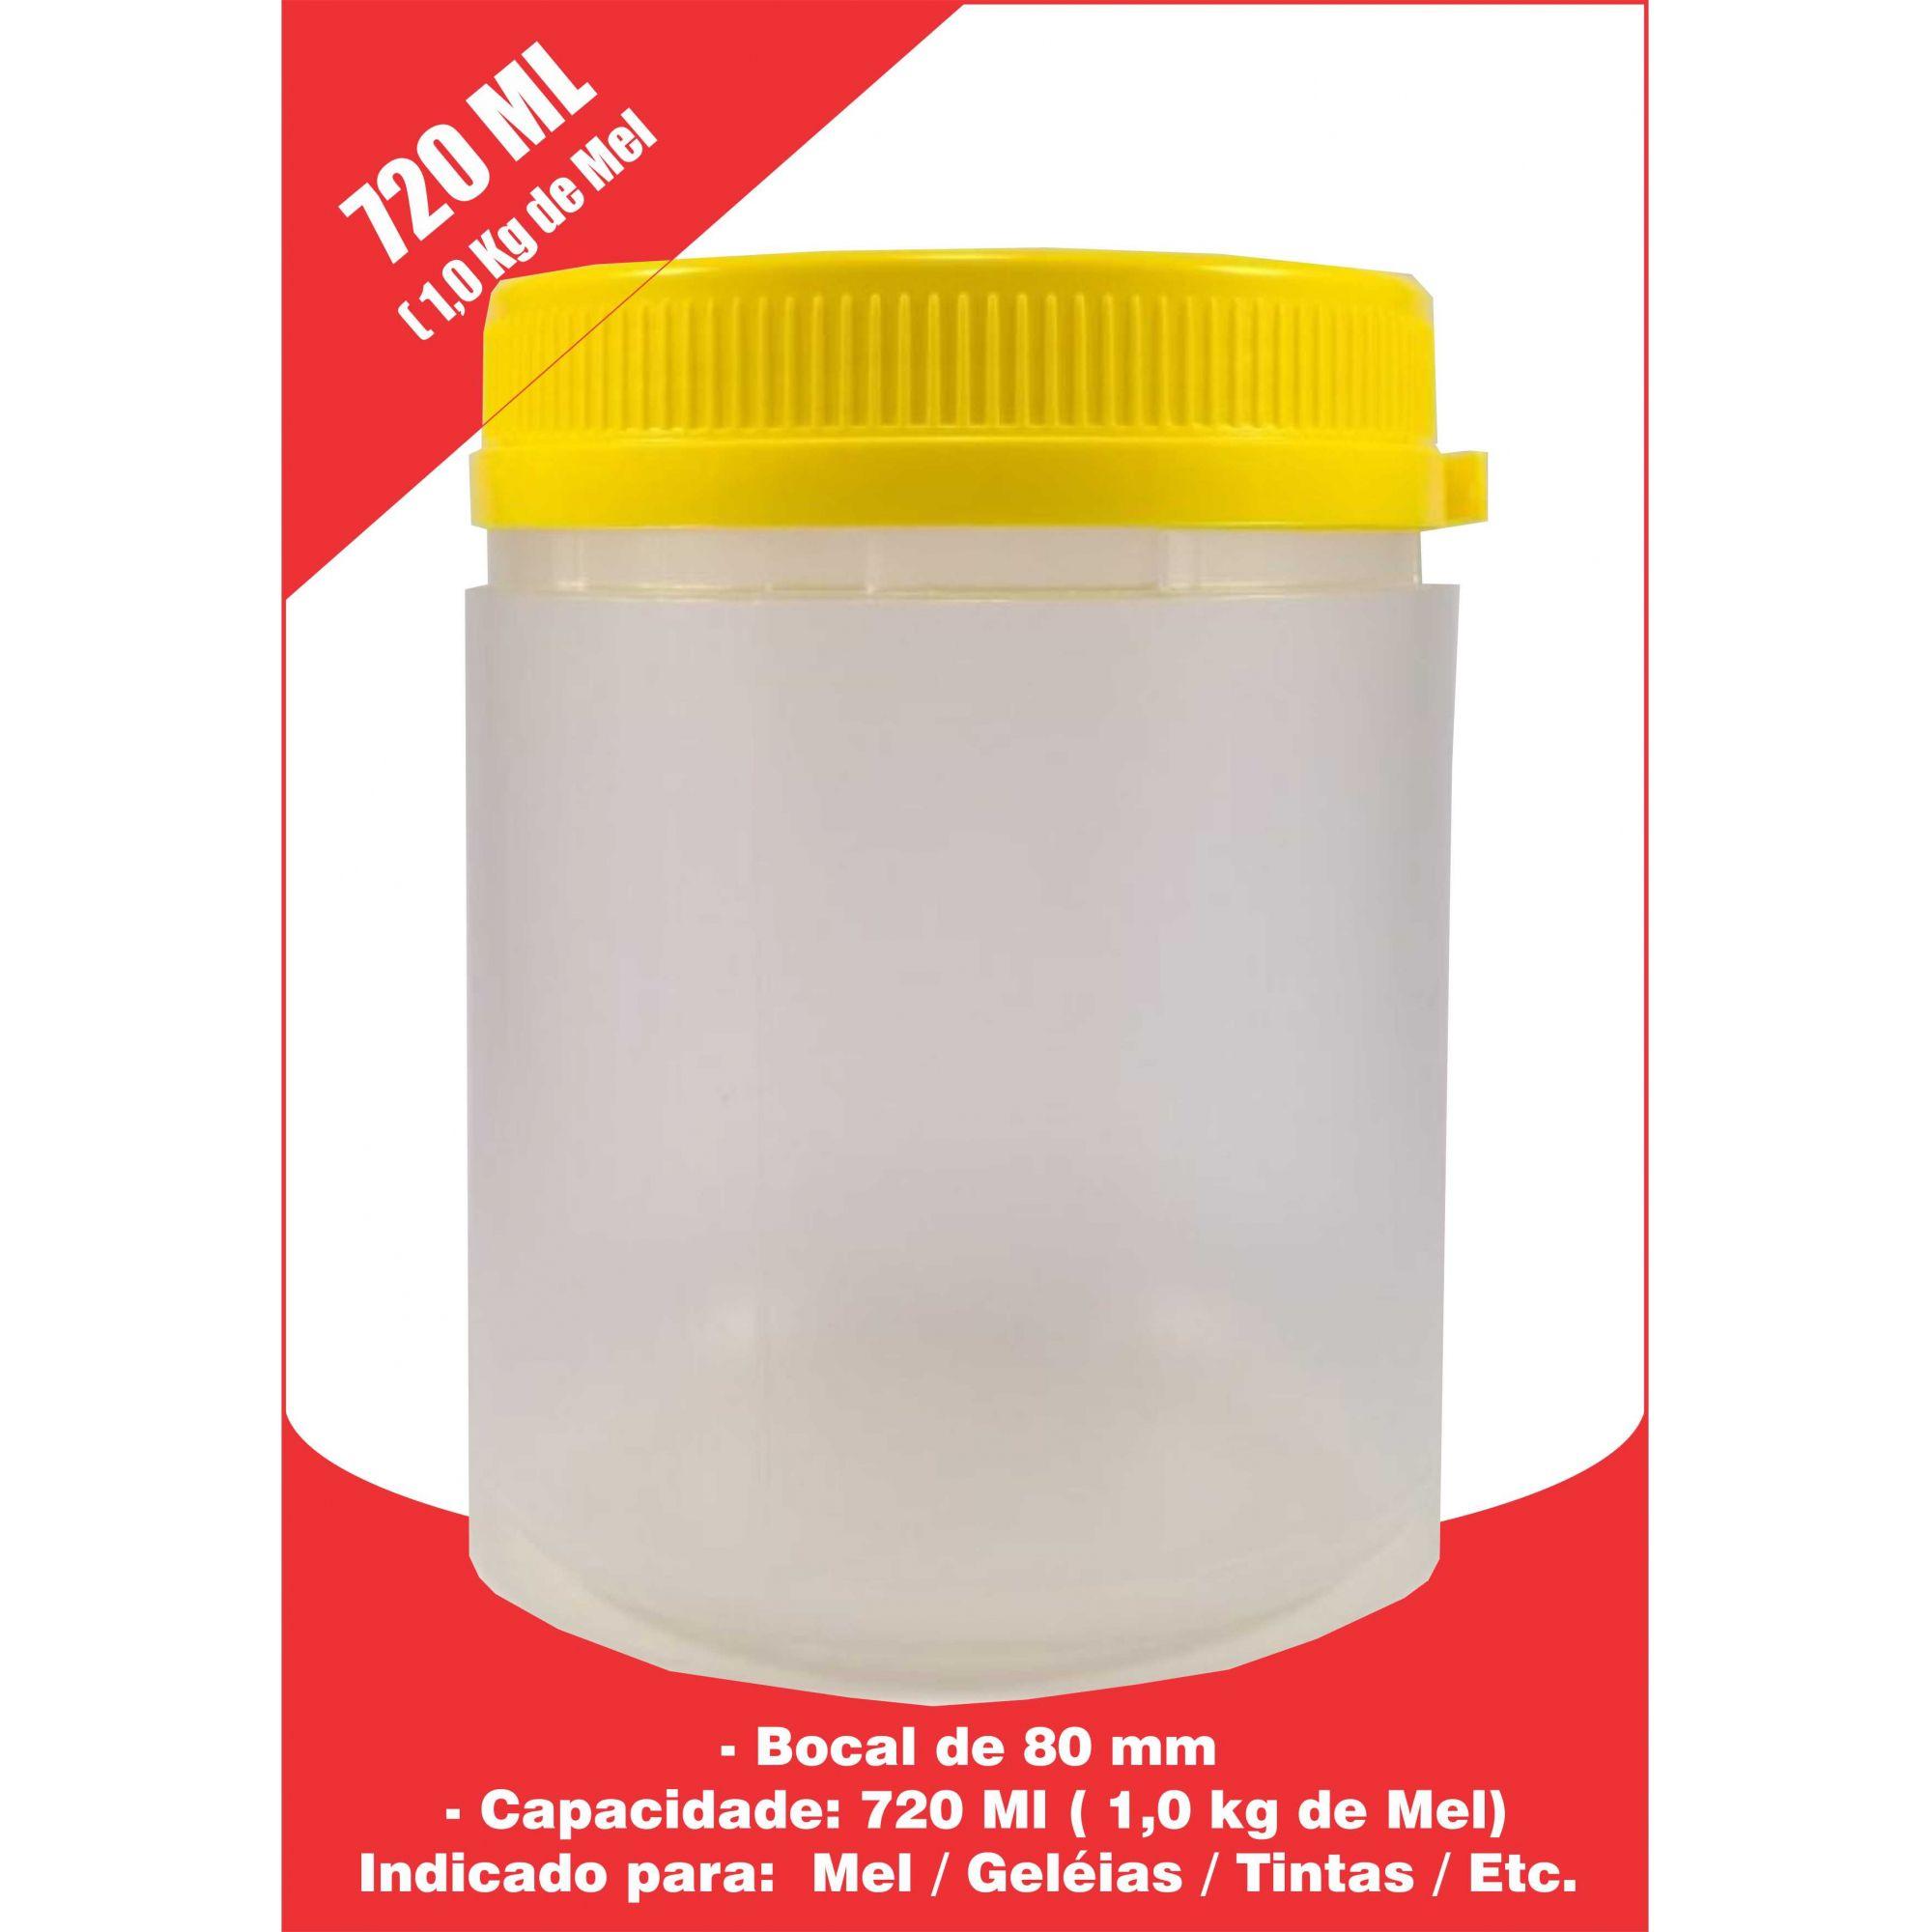 Kit Potes Plásticos Mel, Geléias, Alimentos, Tintas 720 ml (60 unidades) + 350 ml (50 unidades)